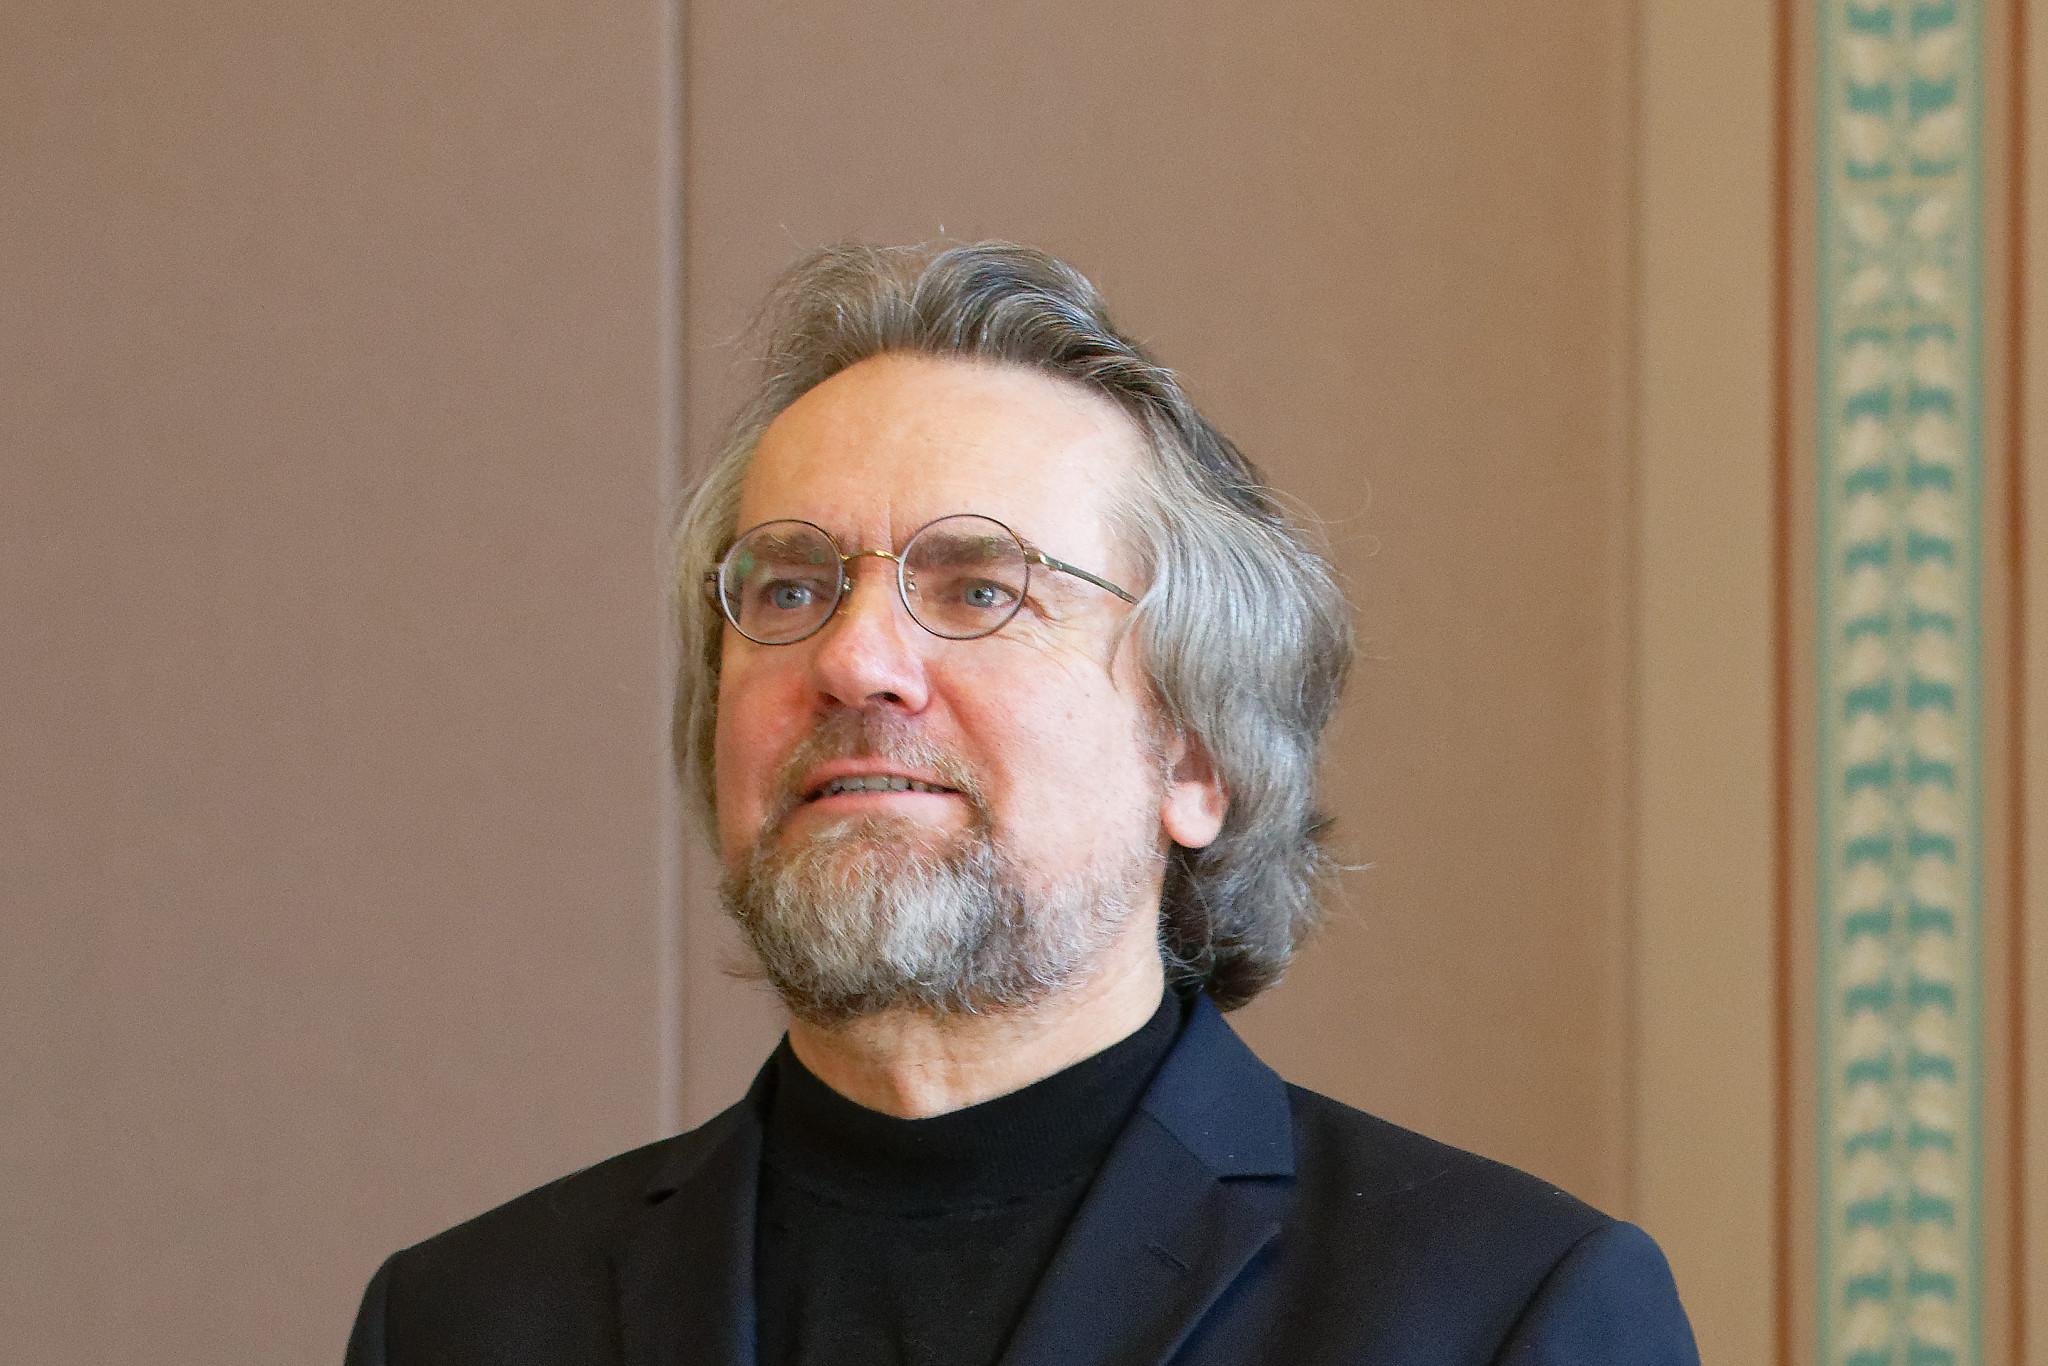 Konstantin Scherbakov, Aula, Alte Kantonsschule, Zurich, 2019-10-26 (© Rolf Kyburz)